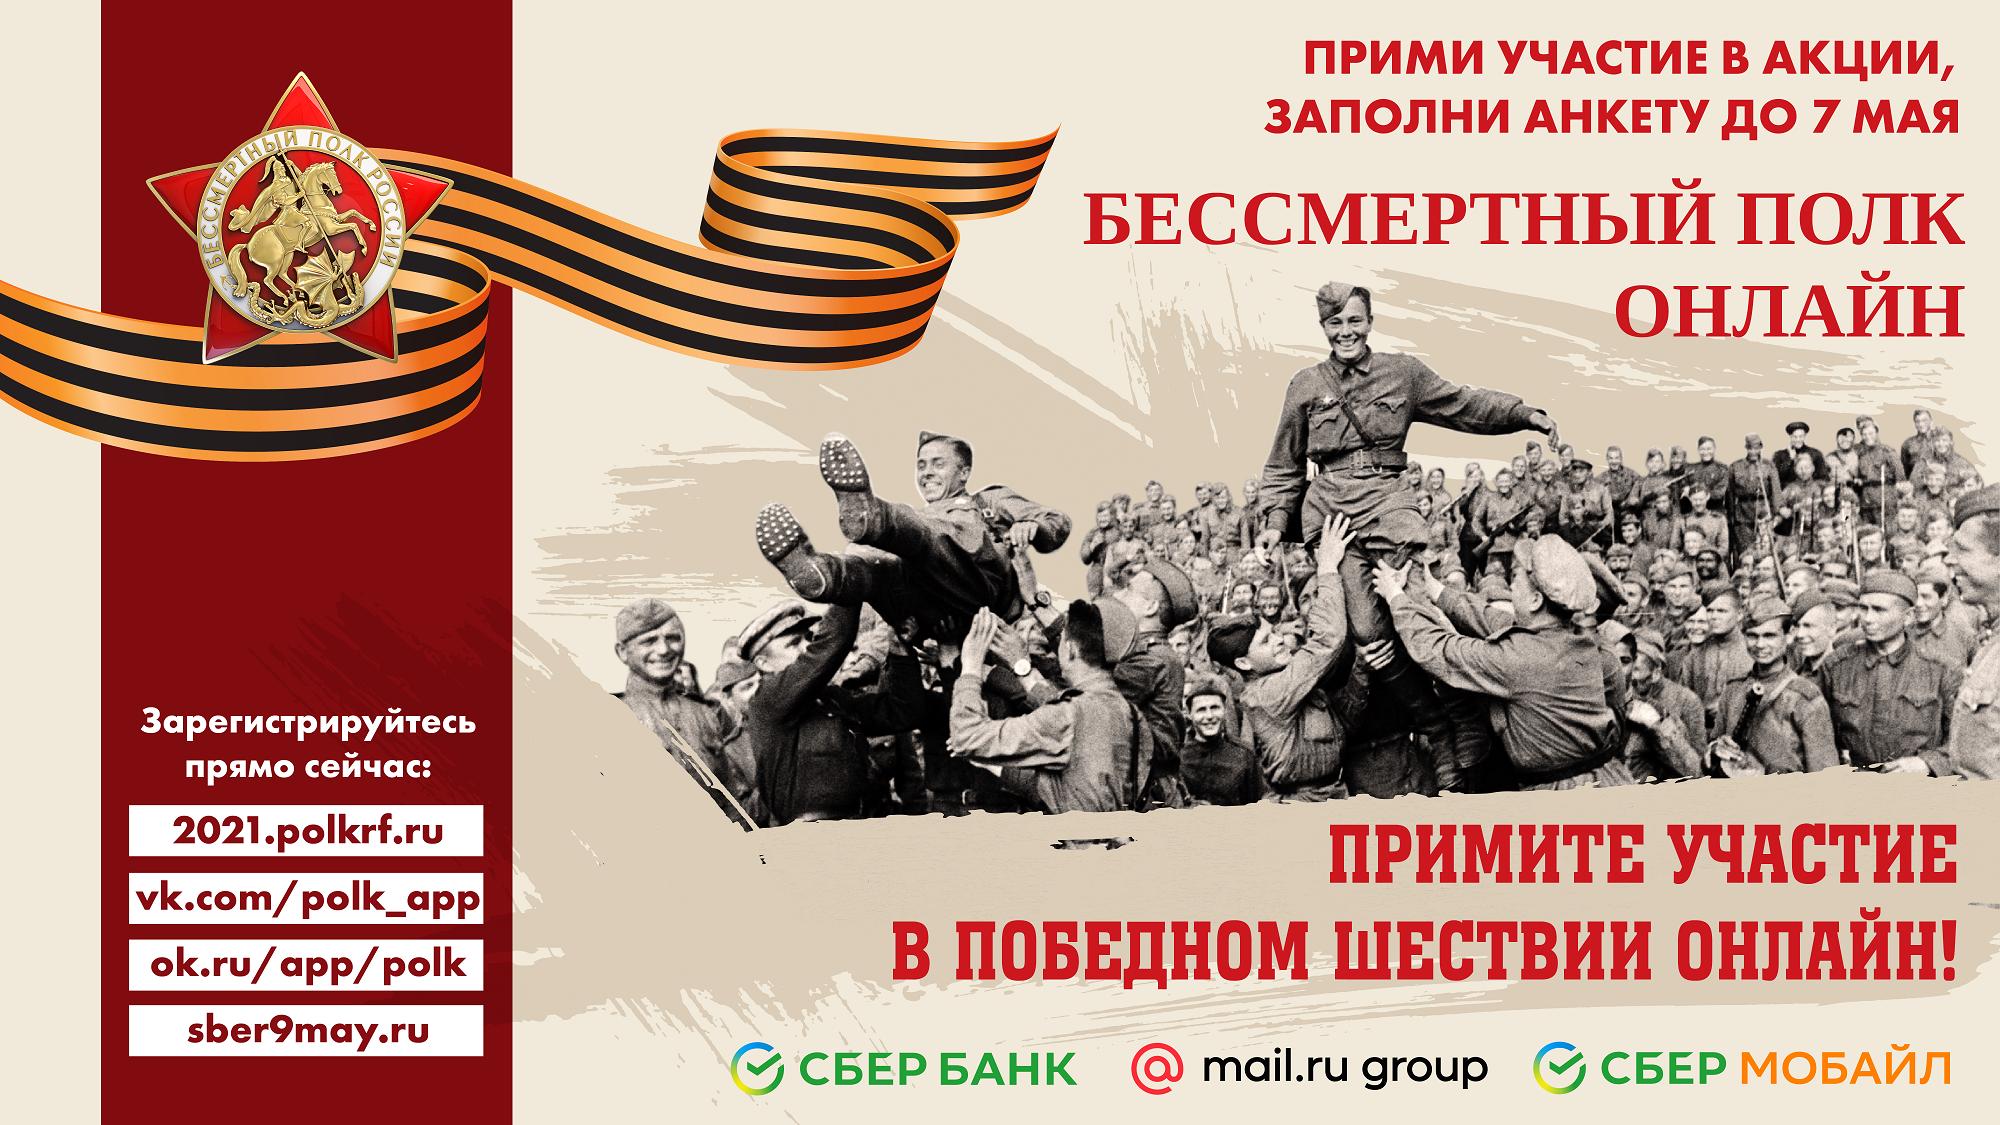 Примите участие в акции Бессмертный полк онлайн